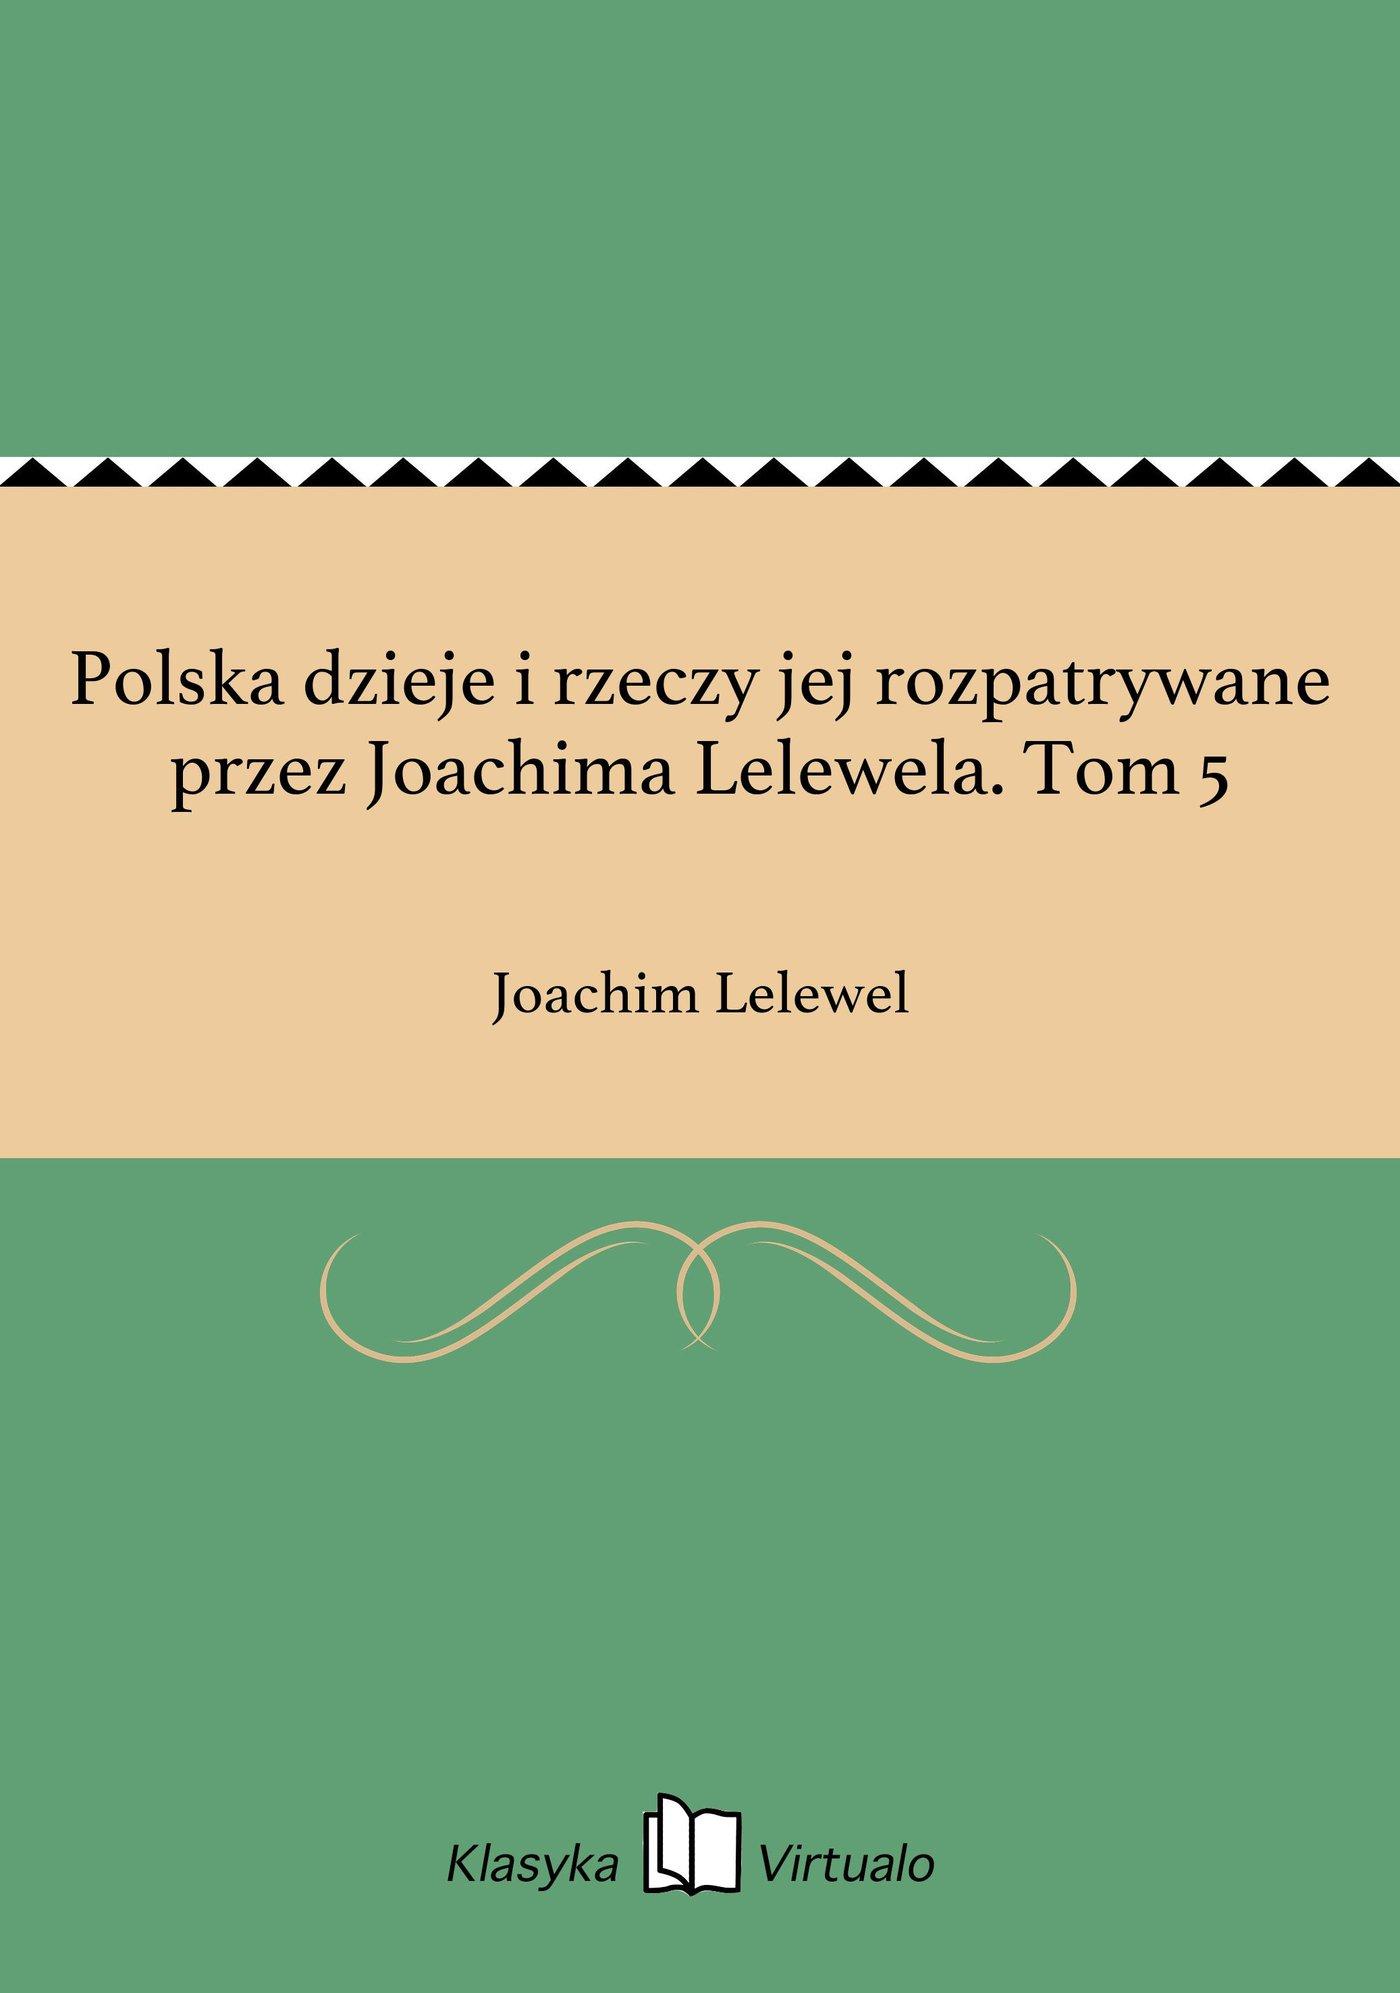 Polska dzieje i rzeczy jej rozpatrywane przez Joachima Lelewela. Tom 5 - Ebook (Książka EPUB) do pobrania w formacie EPUB